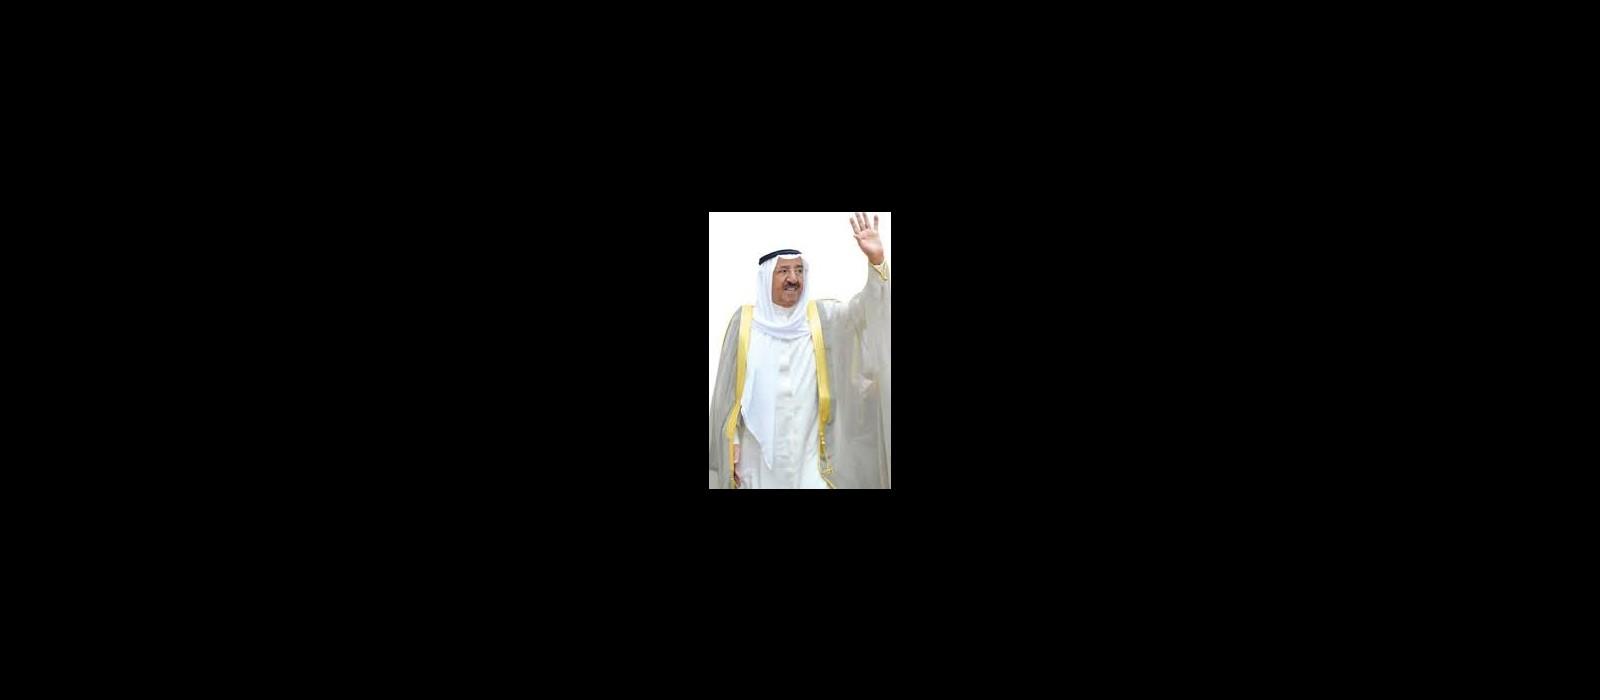 تهنئة بالعودة الميمونة لأمير دولة الكويت